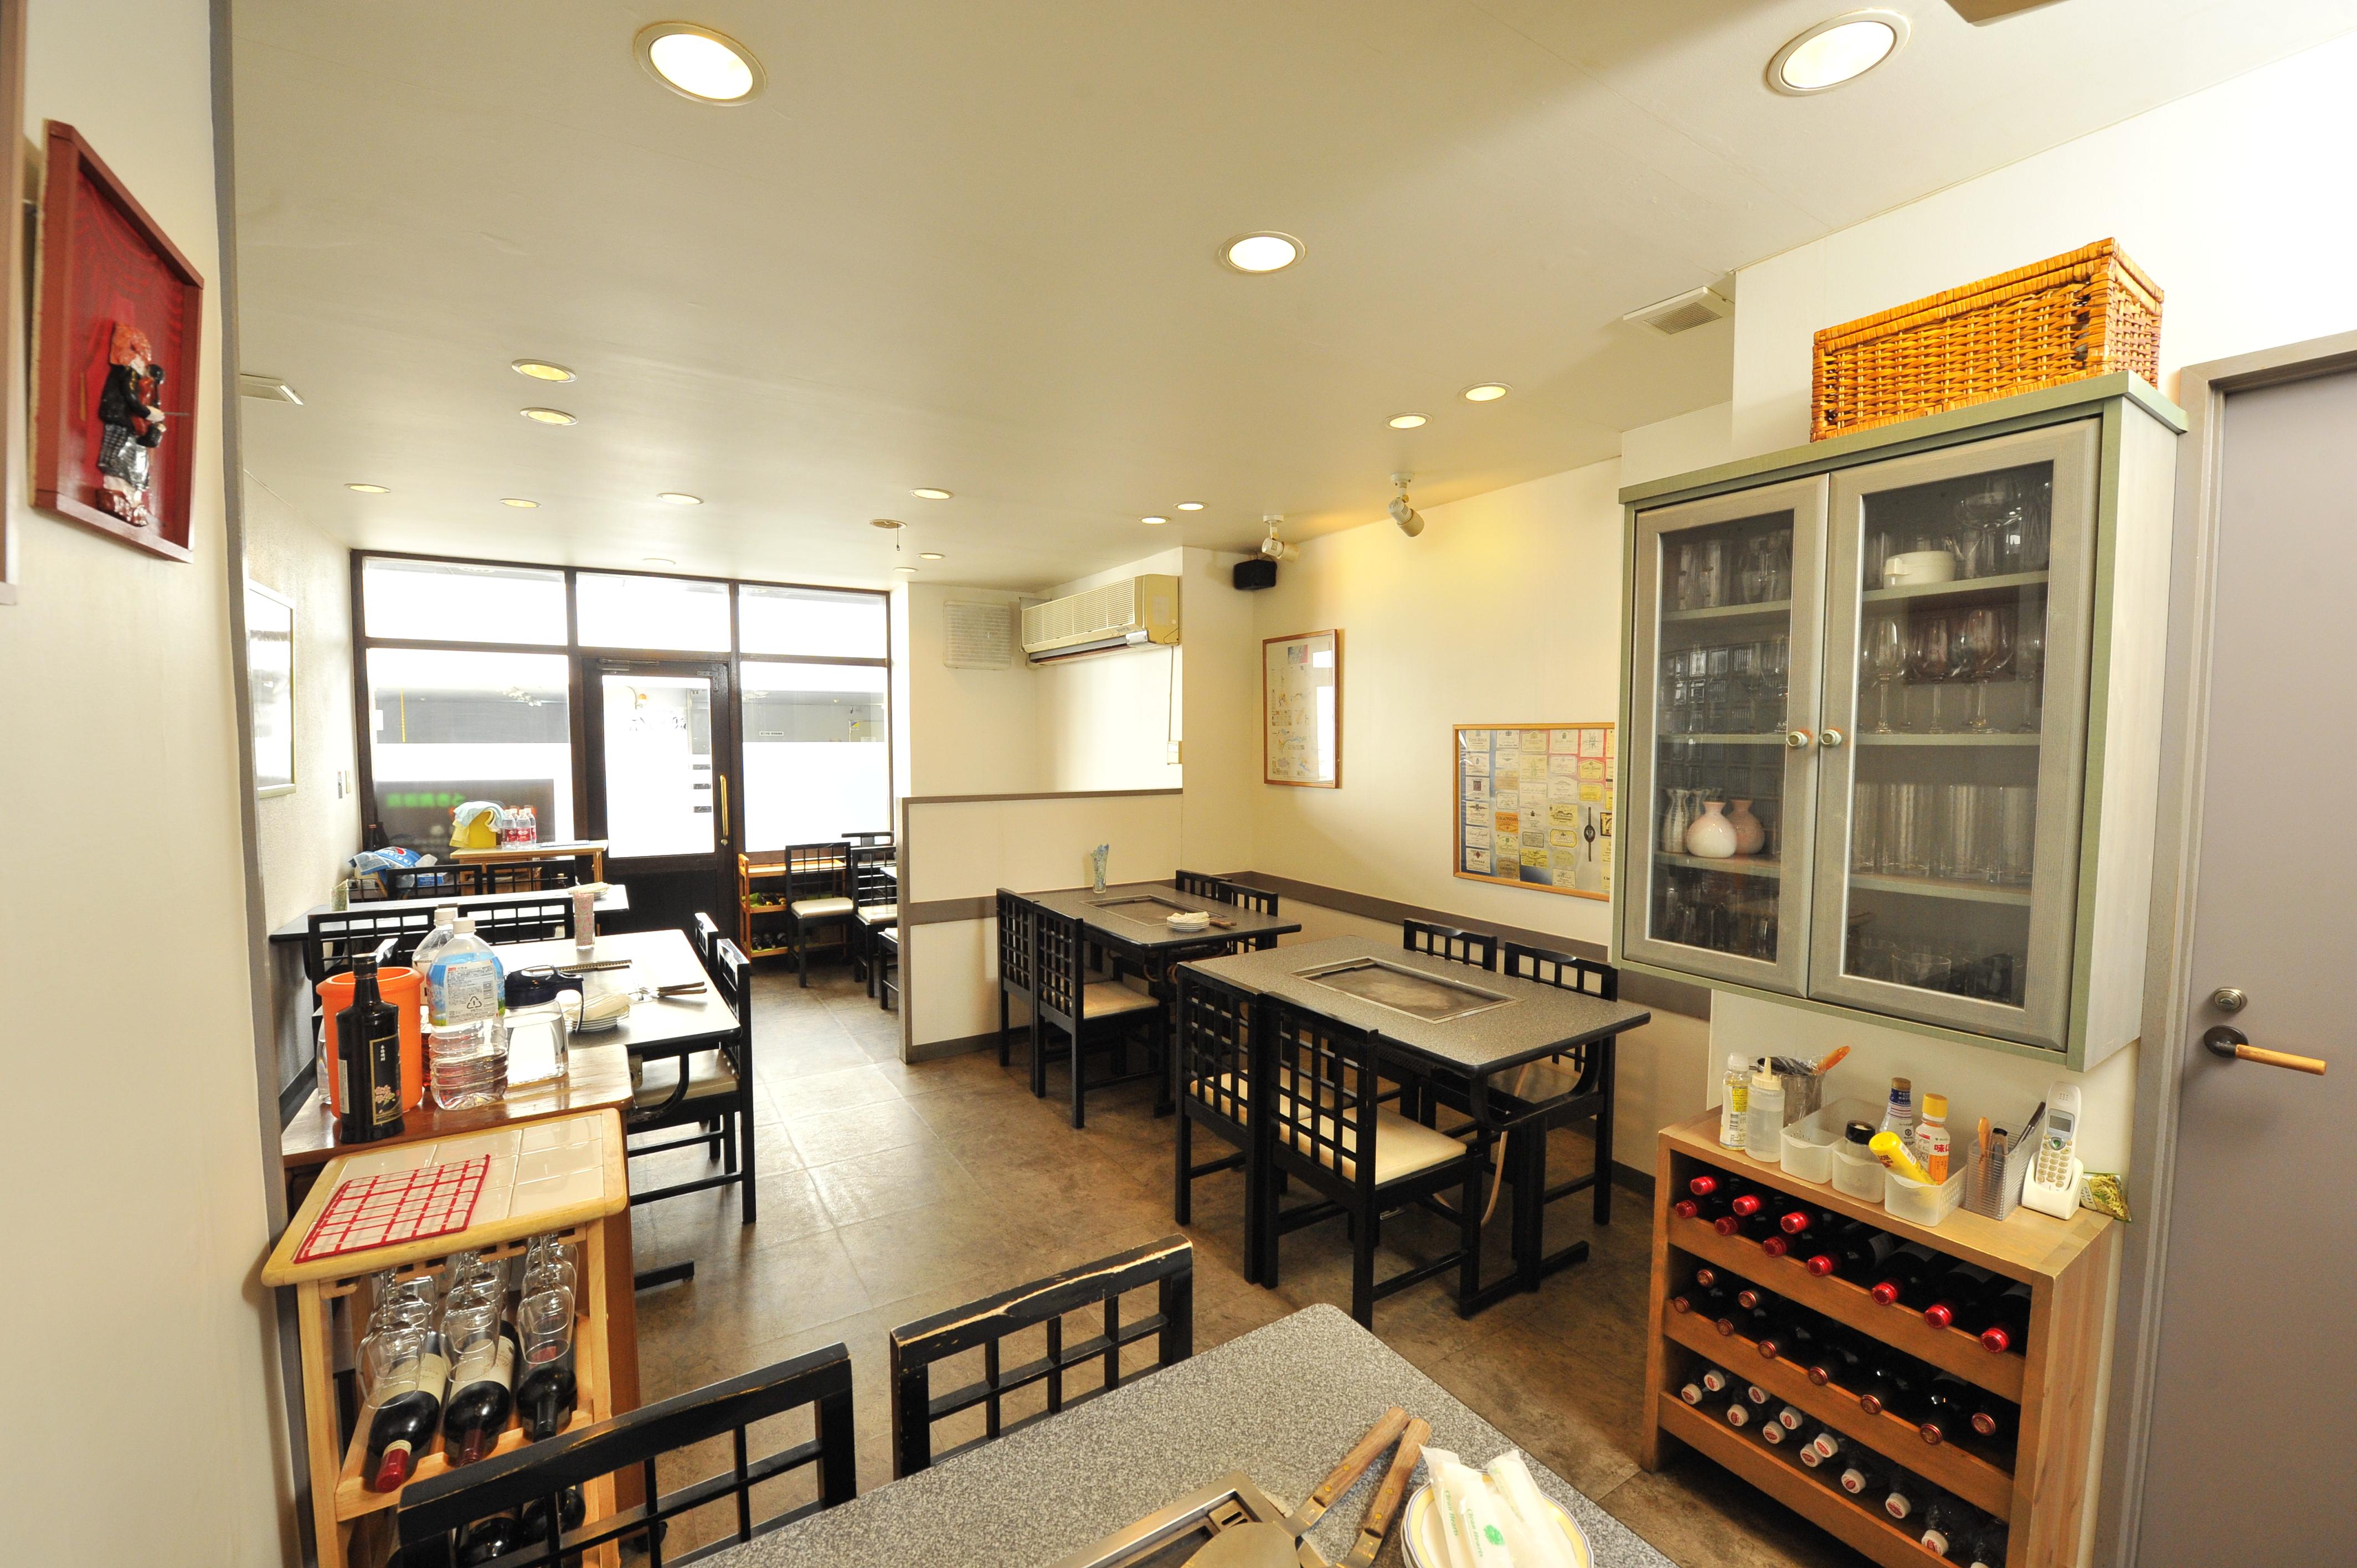 【成約御礼】JR山手線「御徒町」で 飲食店開店 したい